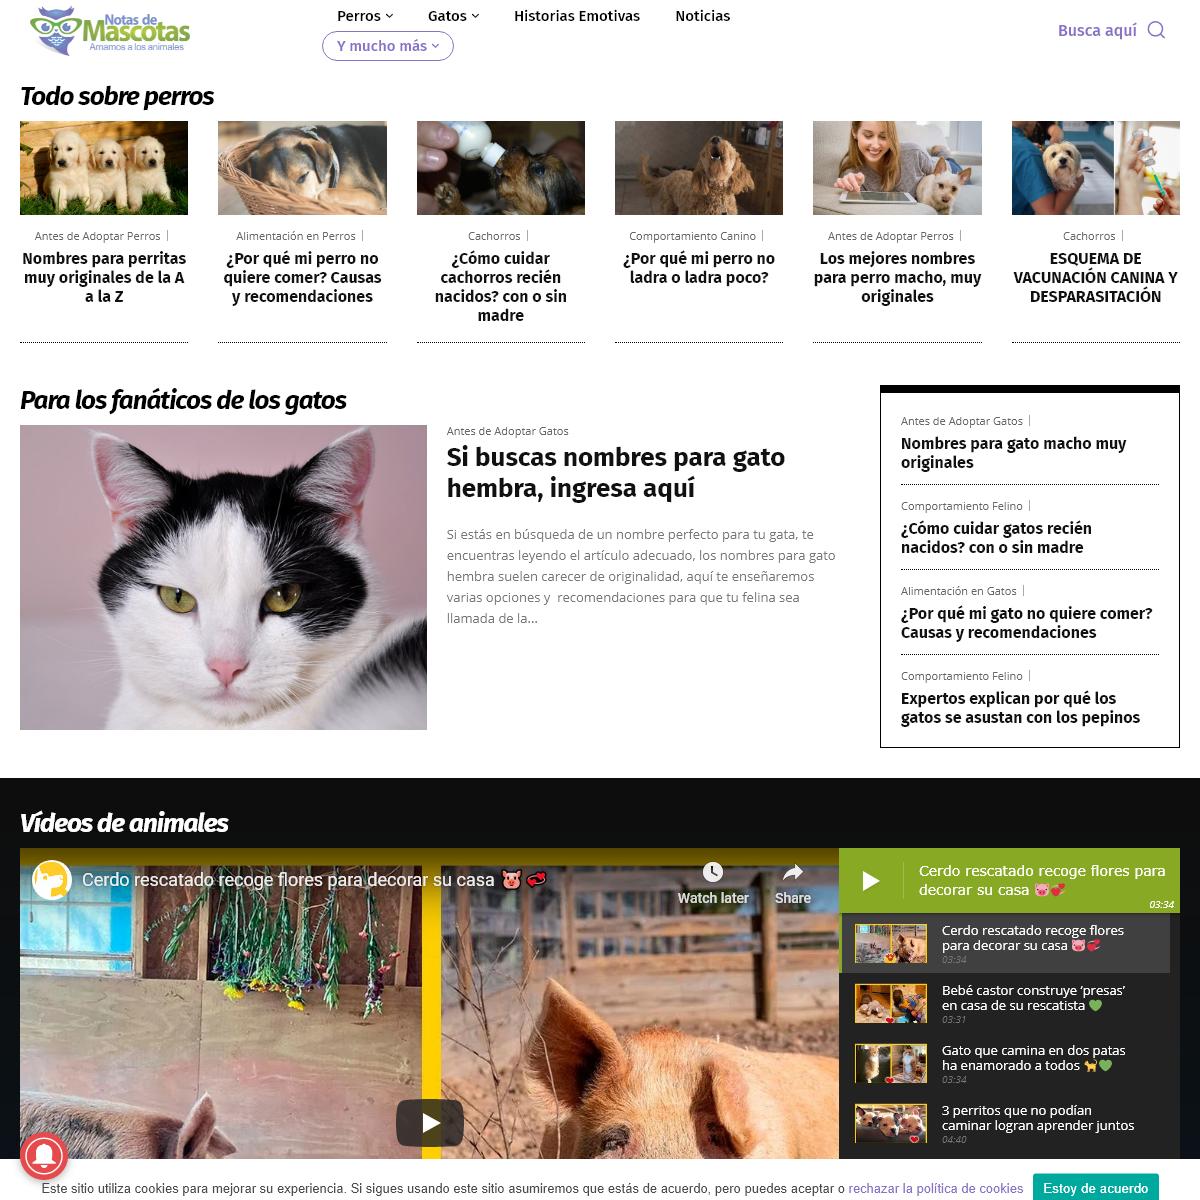 Notas de Mascotas - Todo sobre perros, gatos y más animales